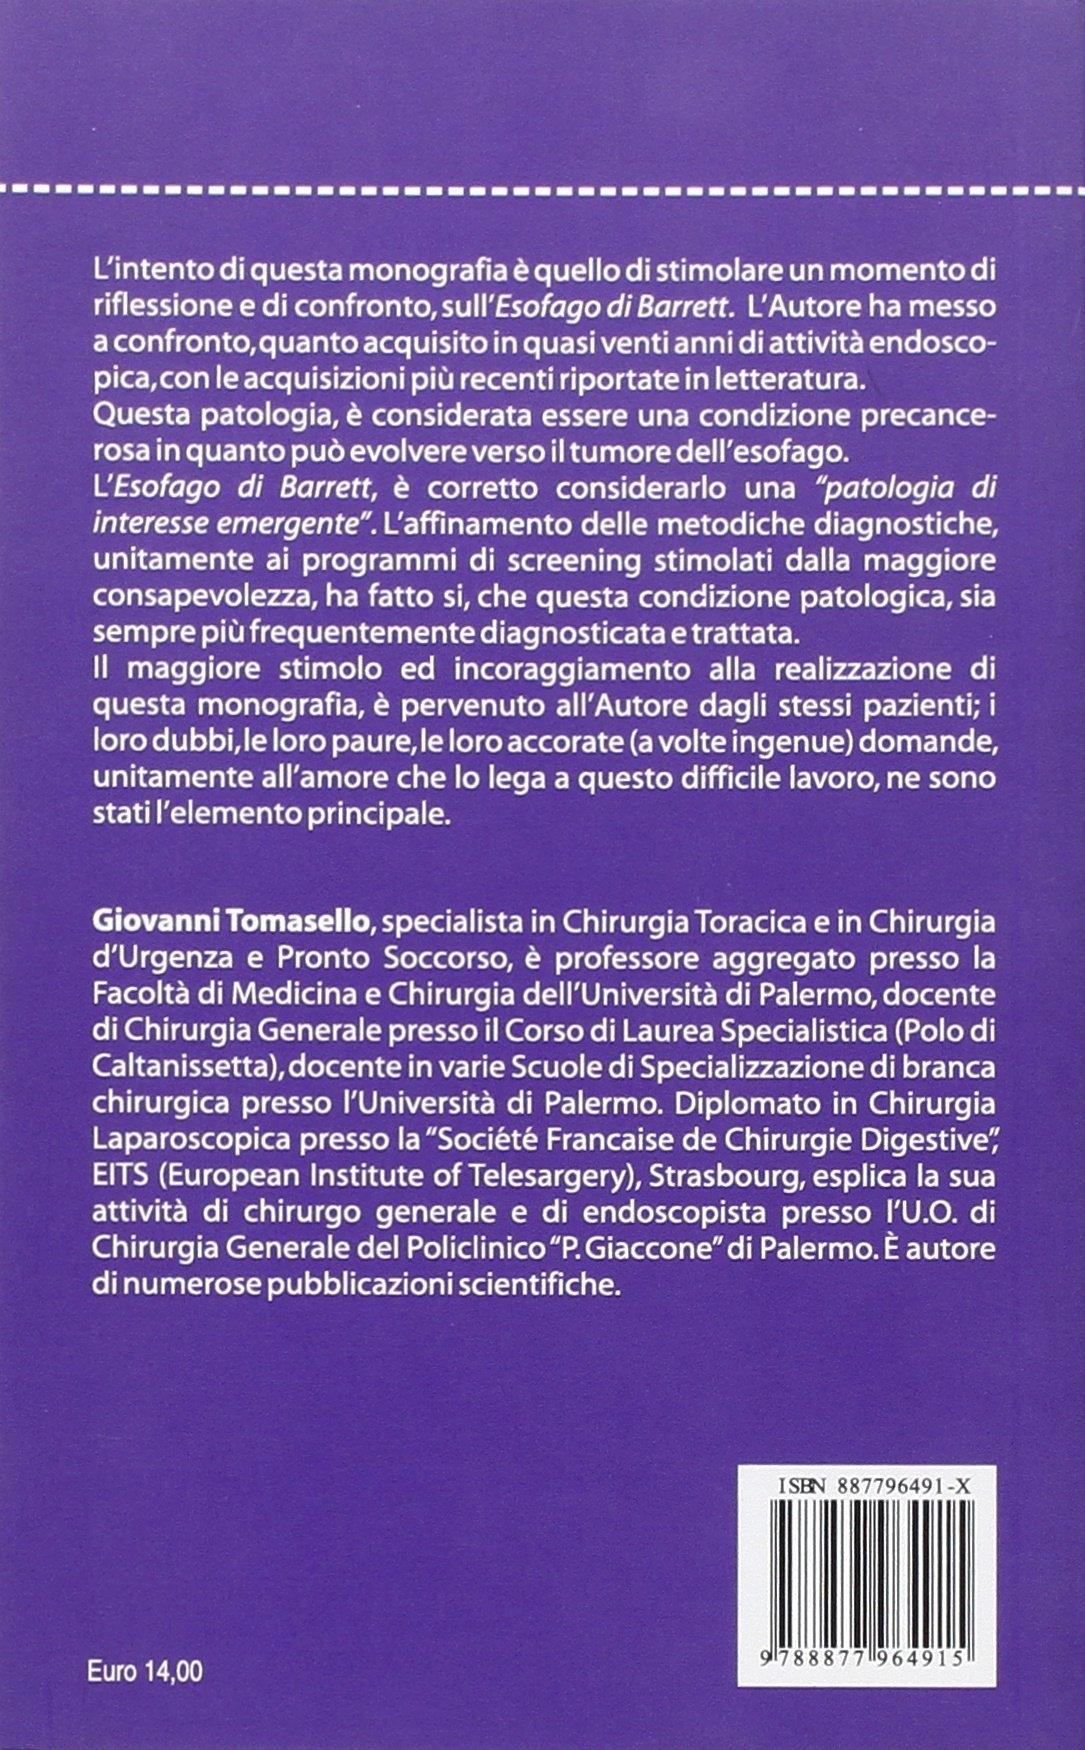 L'esofago di Barrett. Valutazioni personali dell'endoscopista e analisi sulle più recenti acquisizioni scientifiche